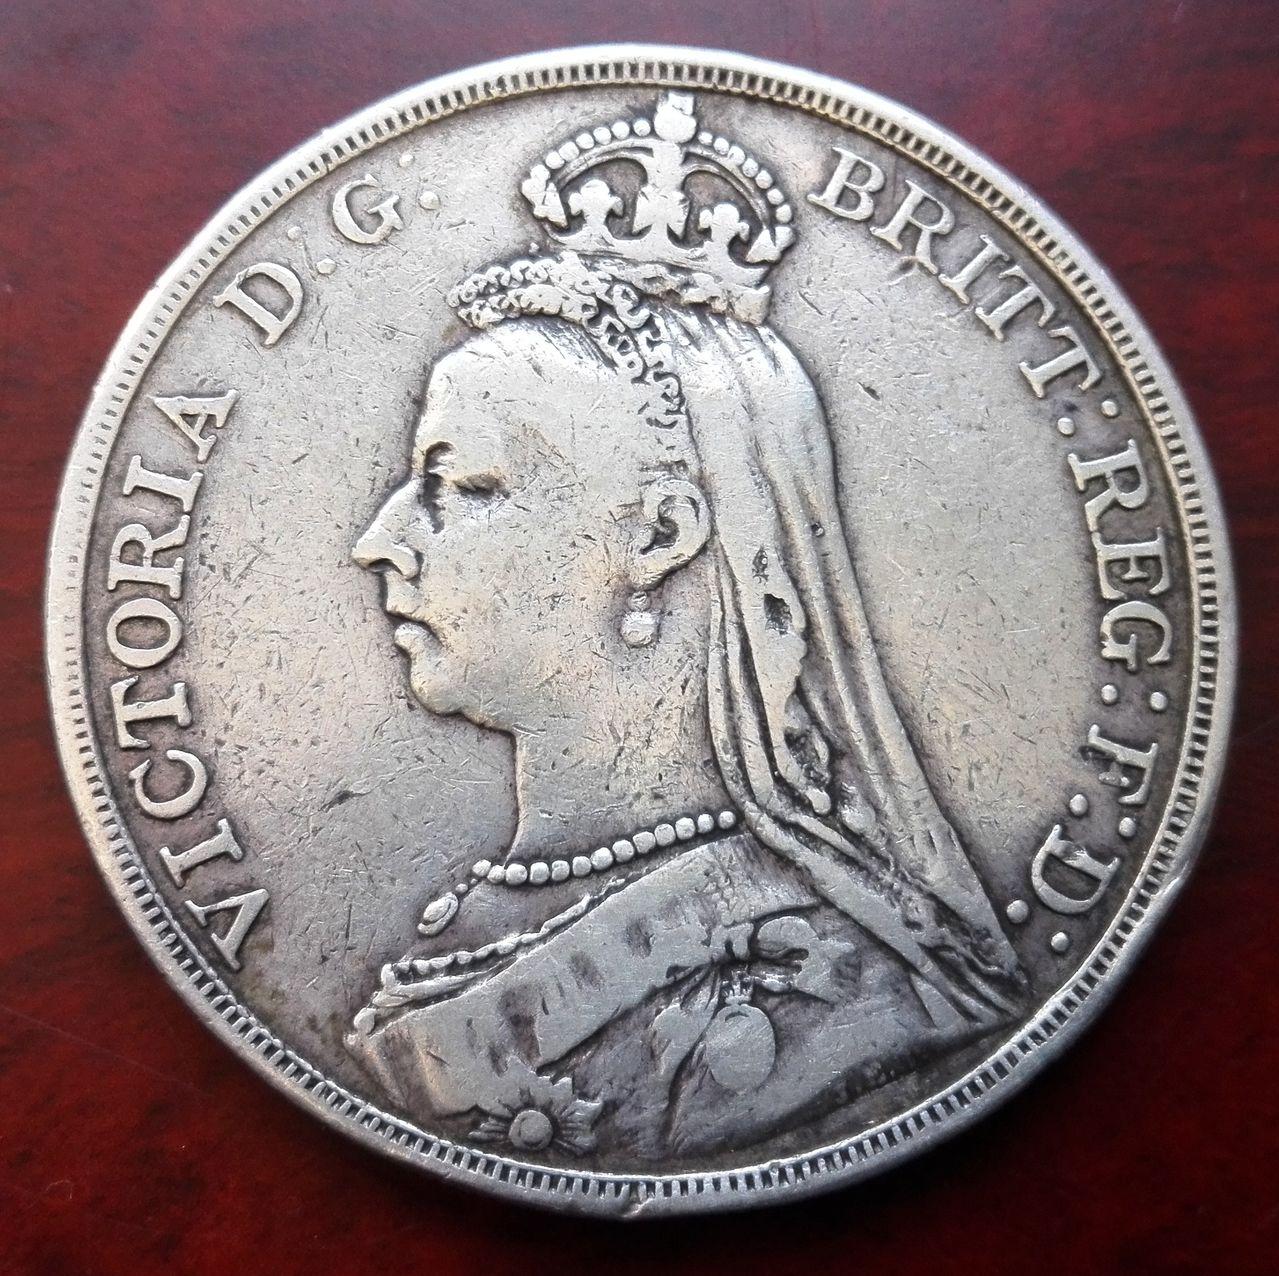 1 corona 1889, Reino Unido  1_corona_1889